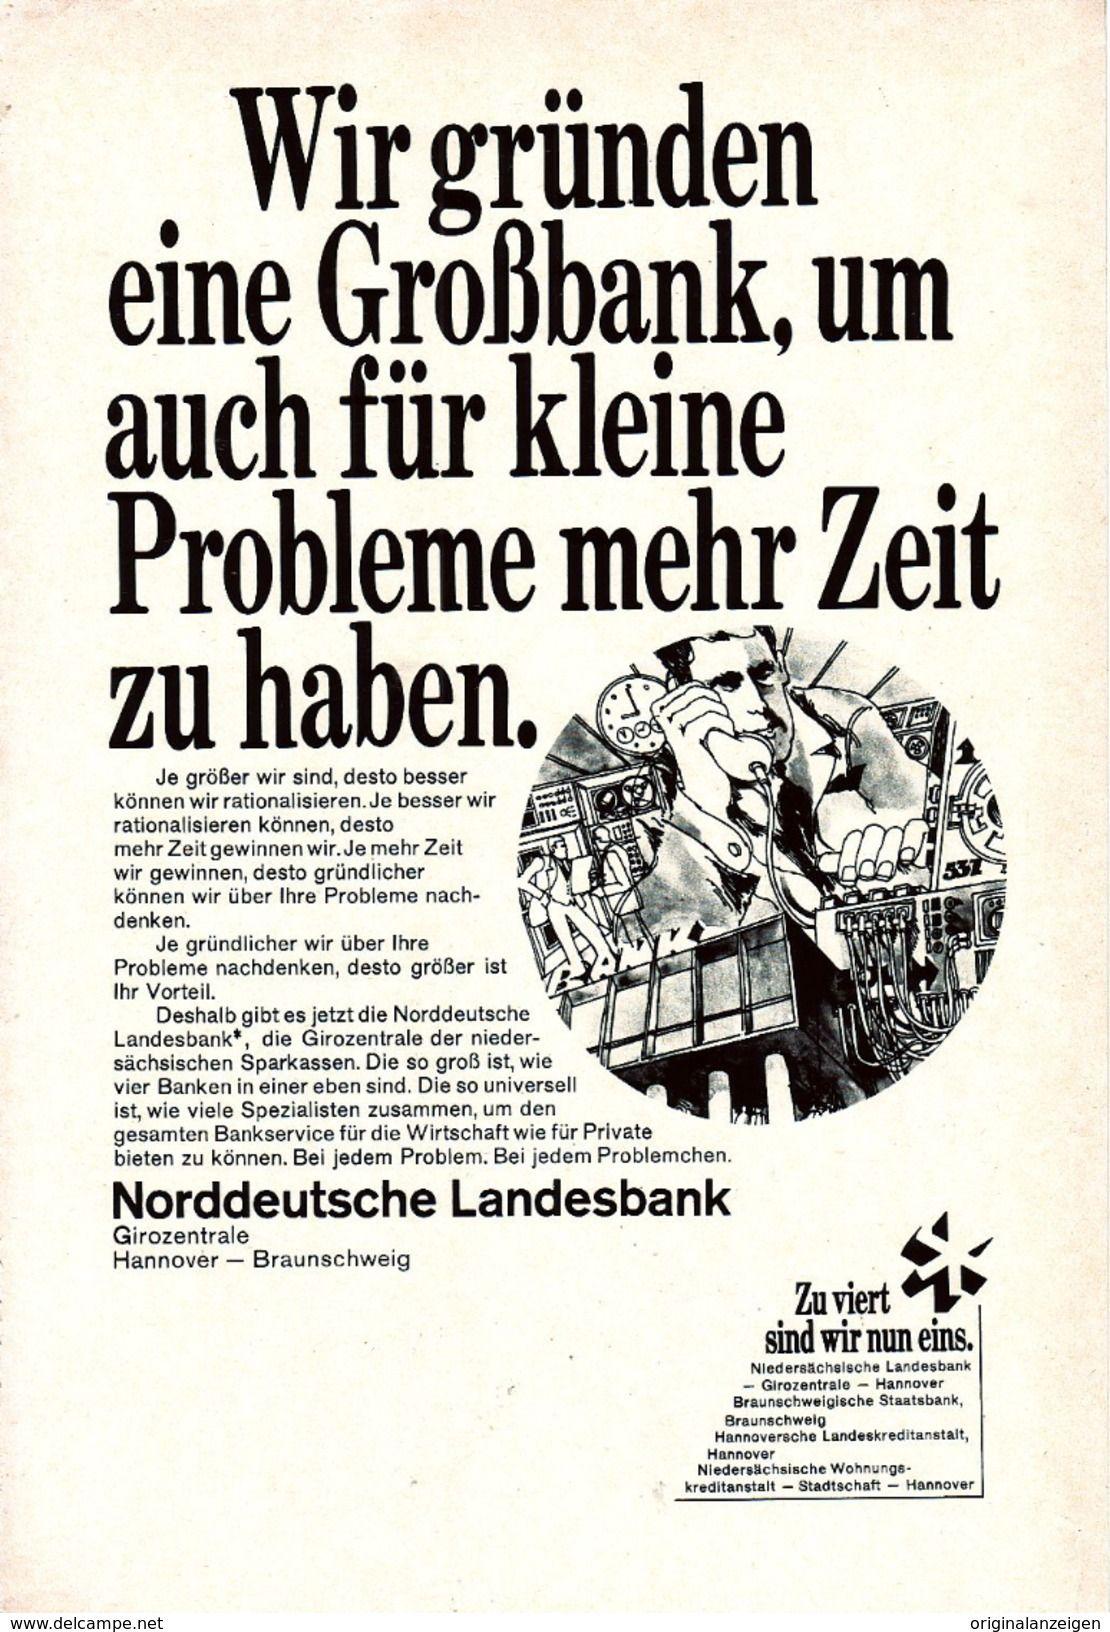 OriginalWerbung/ Anzeige 1969 NORDDEUTSCHE LANDESBANK